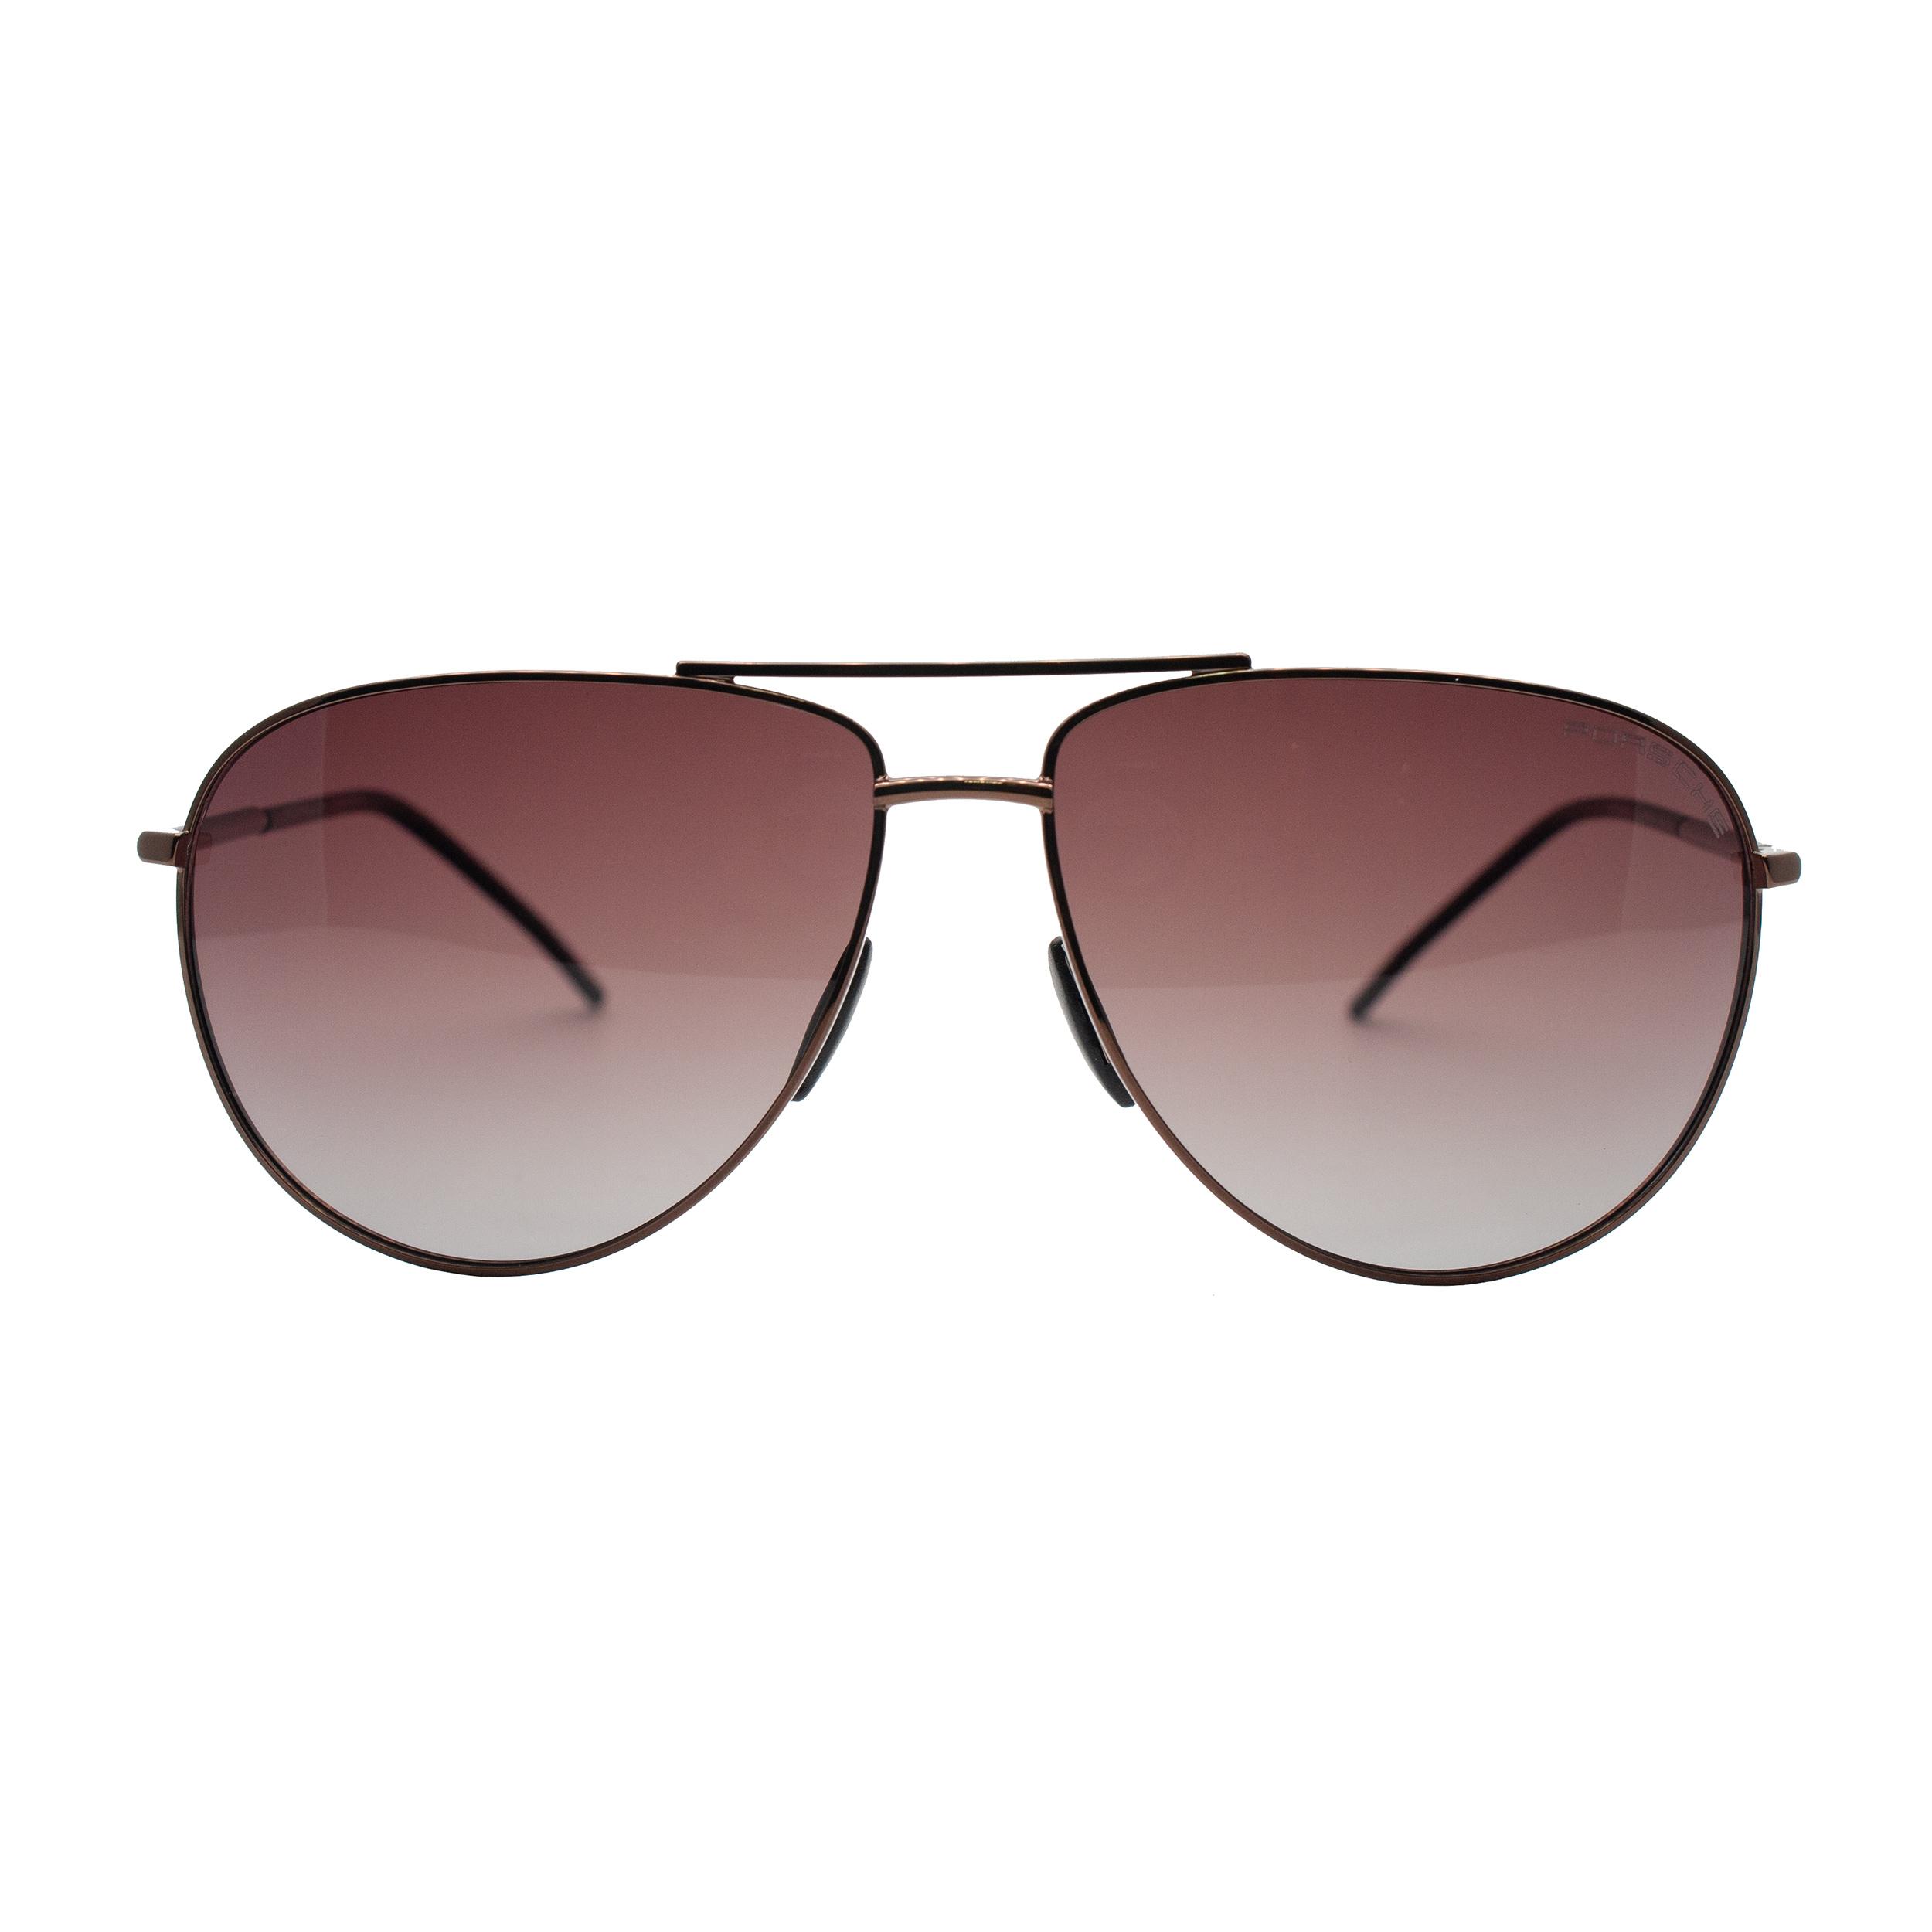 عینک آفتابی پورش دیزاین مدل P 8629 -  - 2